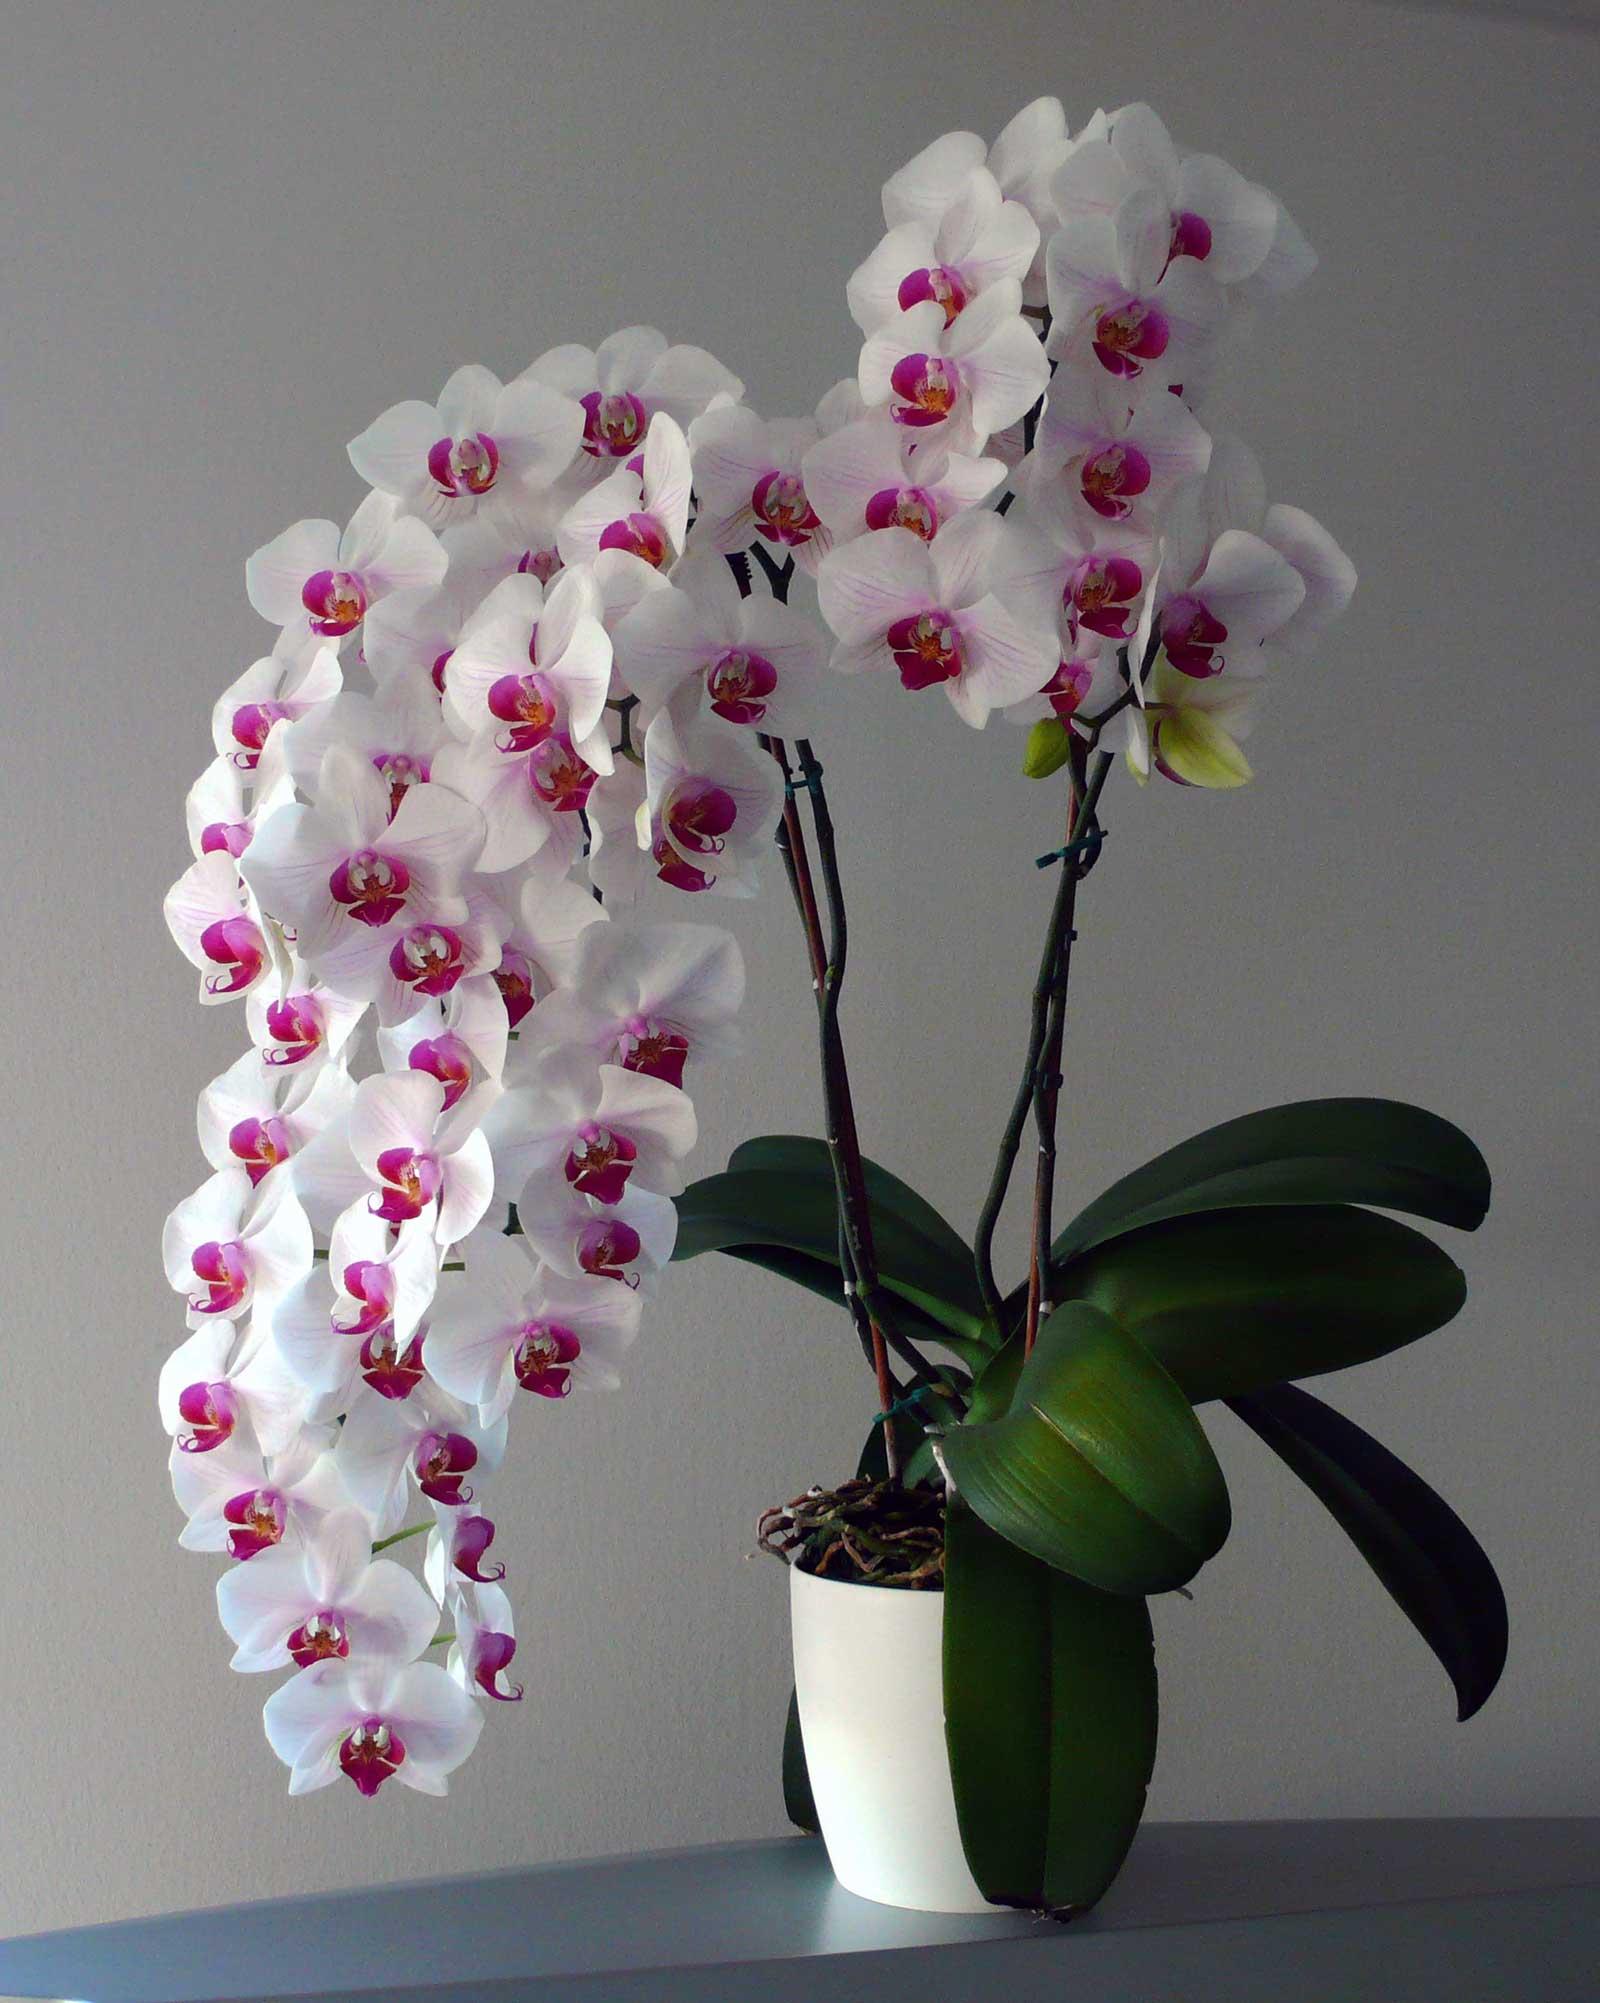 pěstování orchidejí | Dům a byt